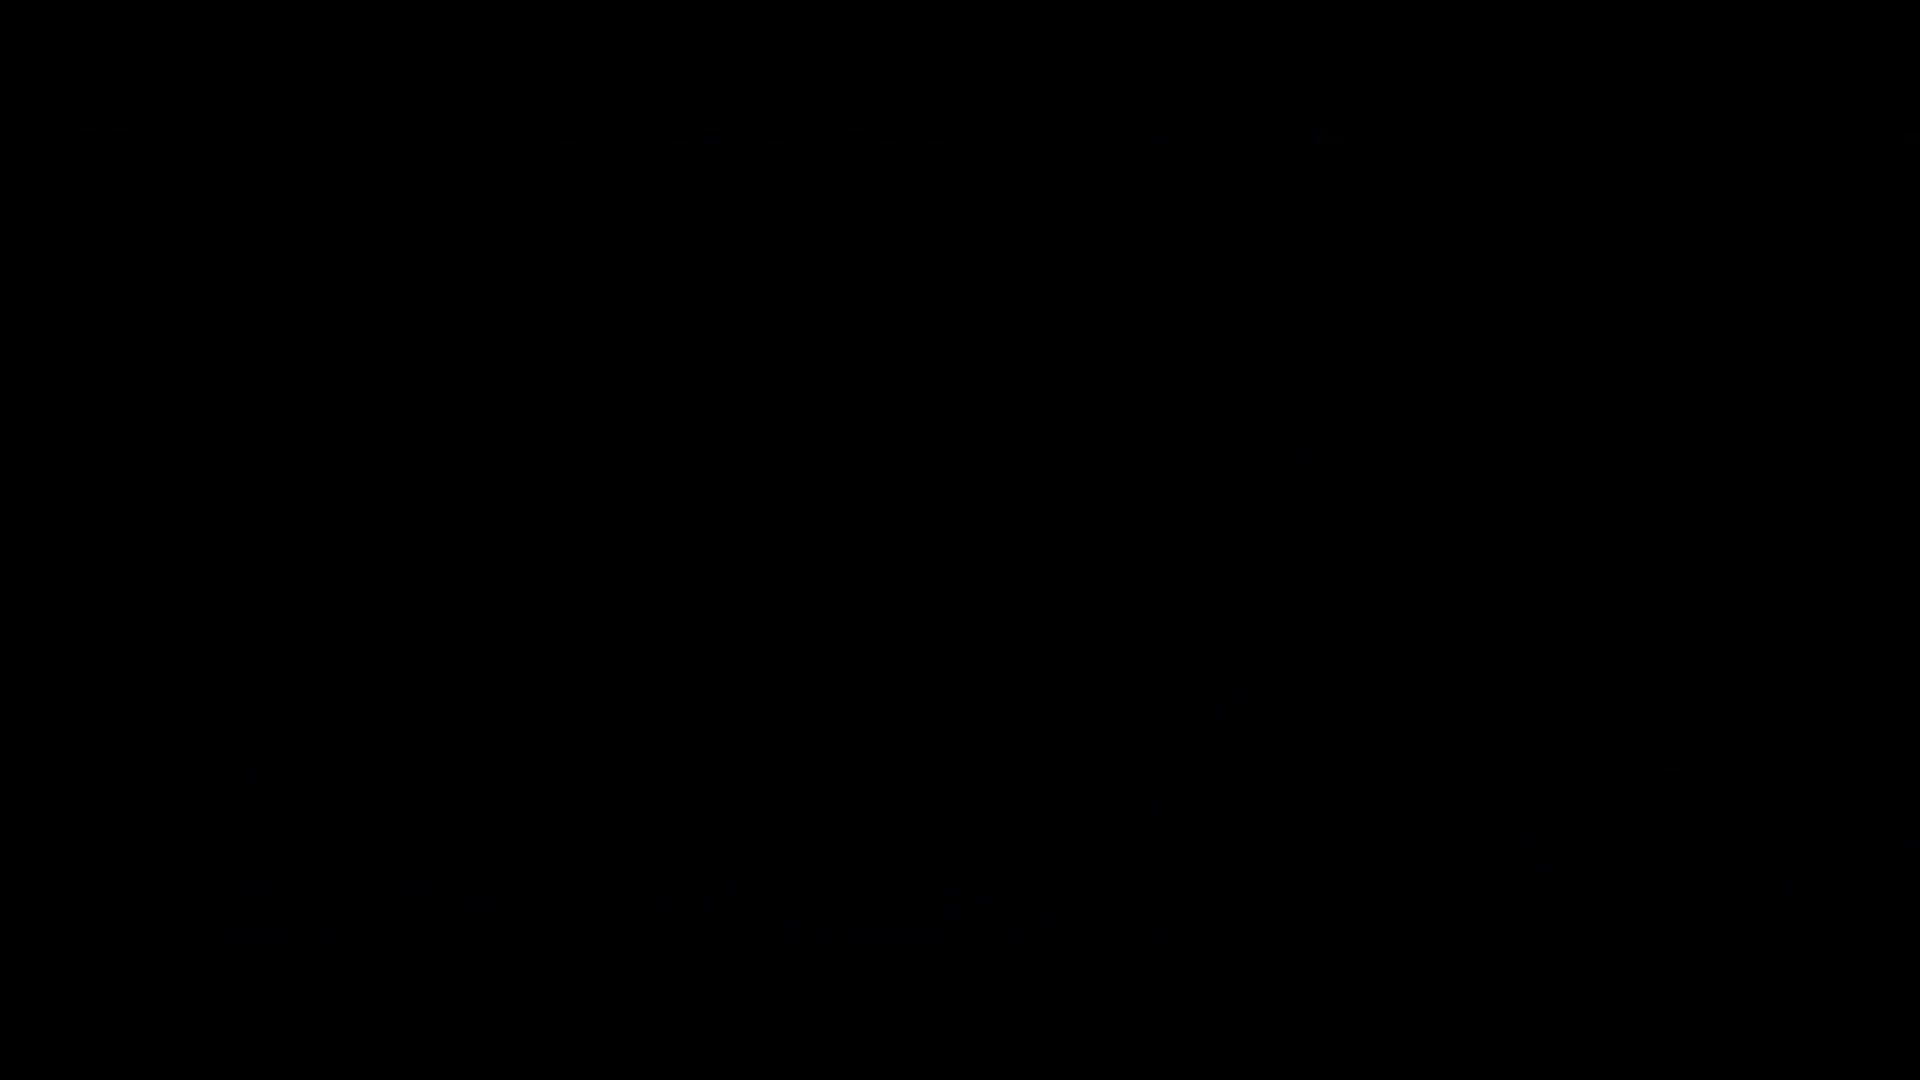 Aamfnav1